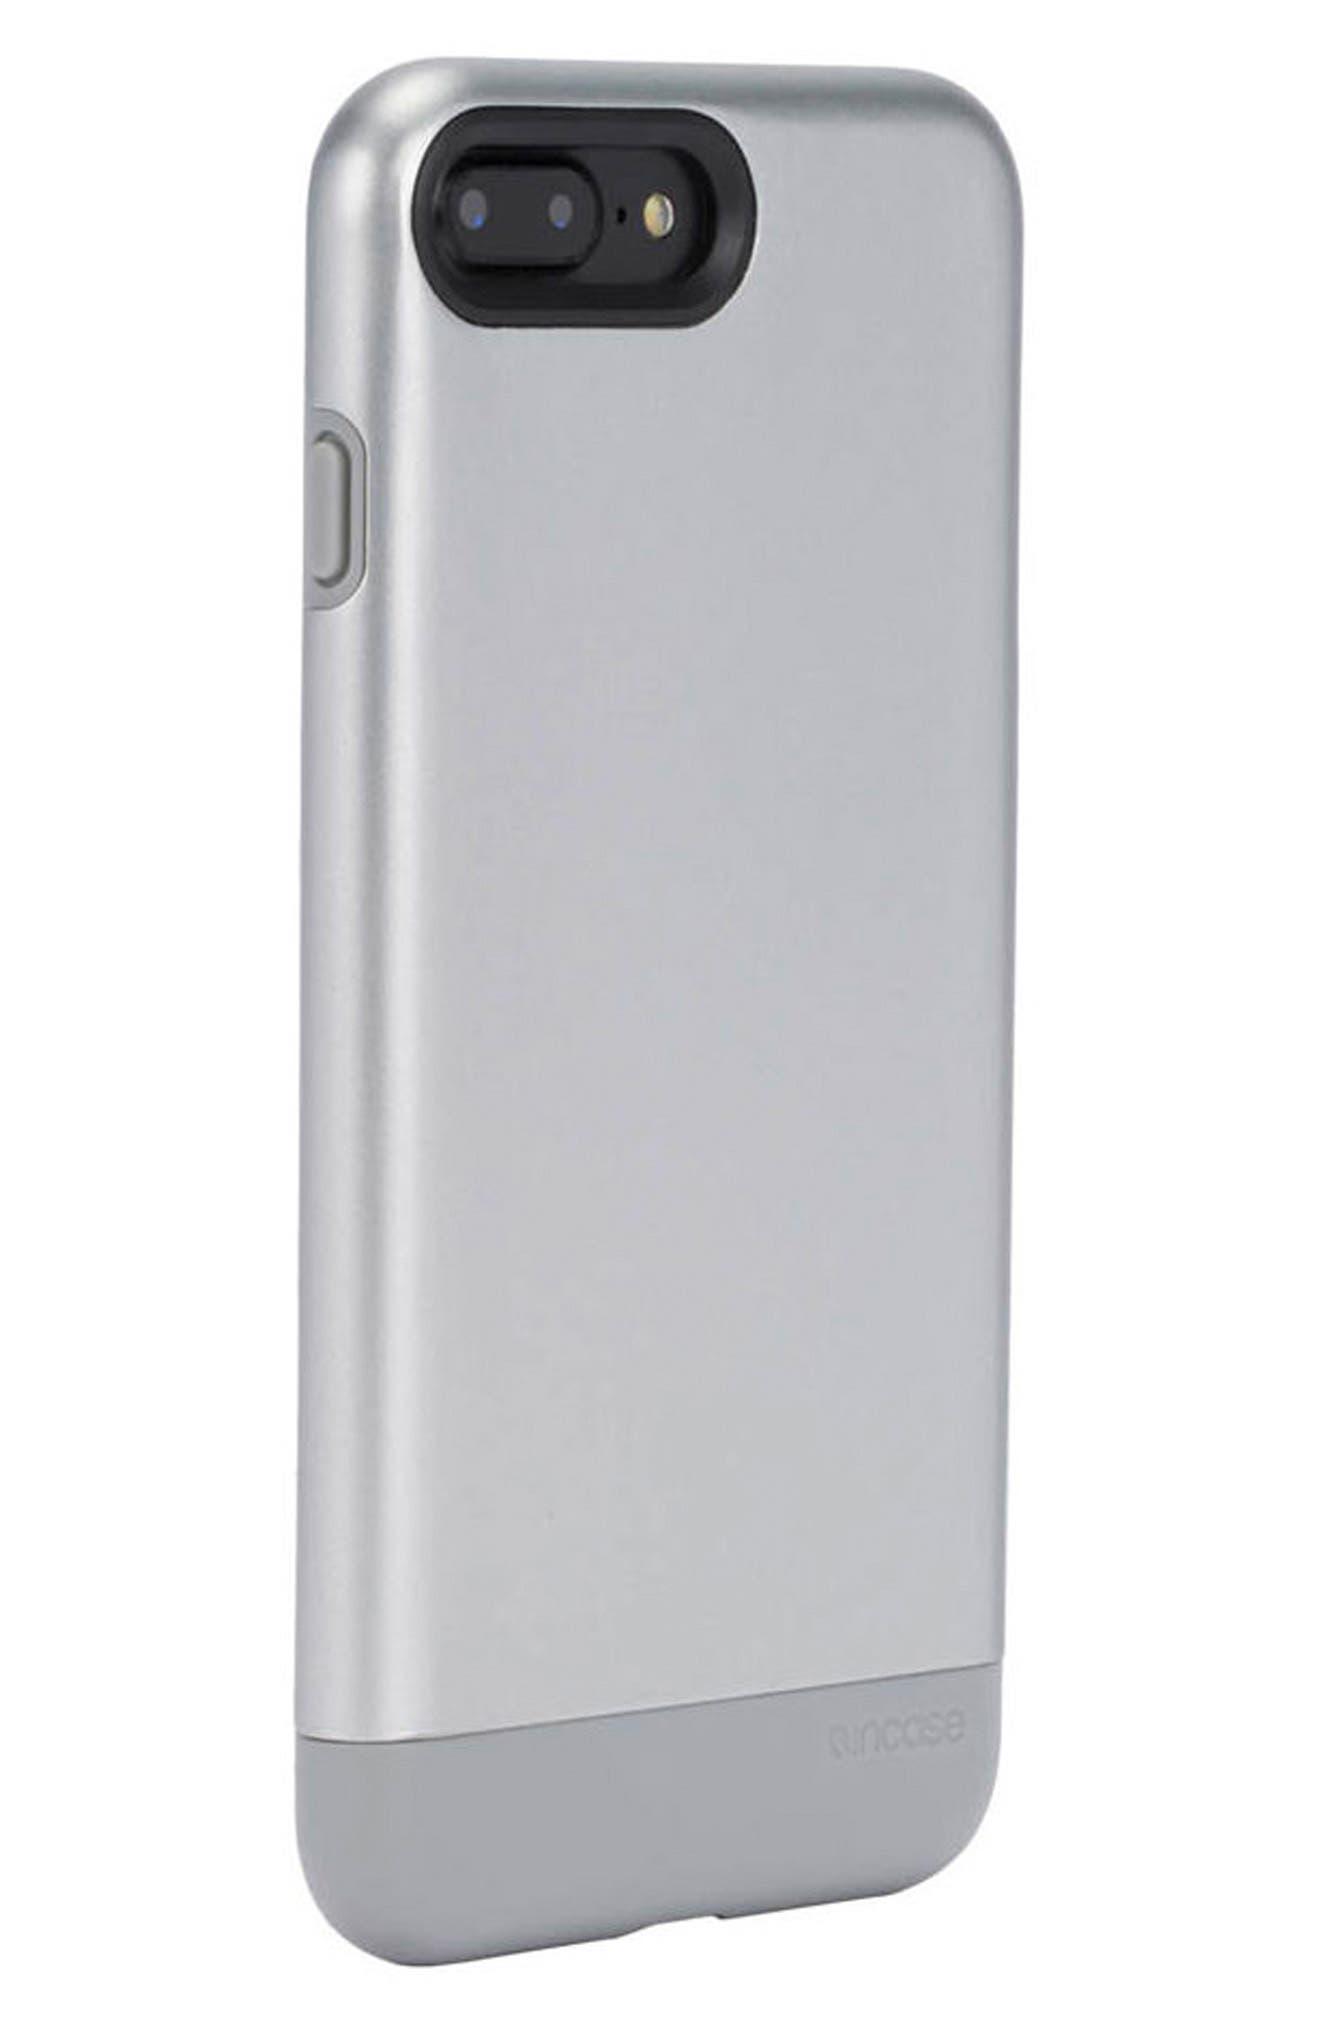 Dual Snap Case for iPhone 7 Plus/8 Plus,                             Alternate thumbnail 8, color,                             040